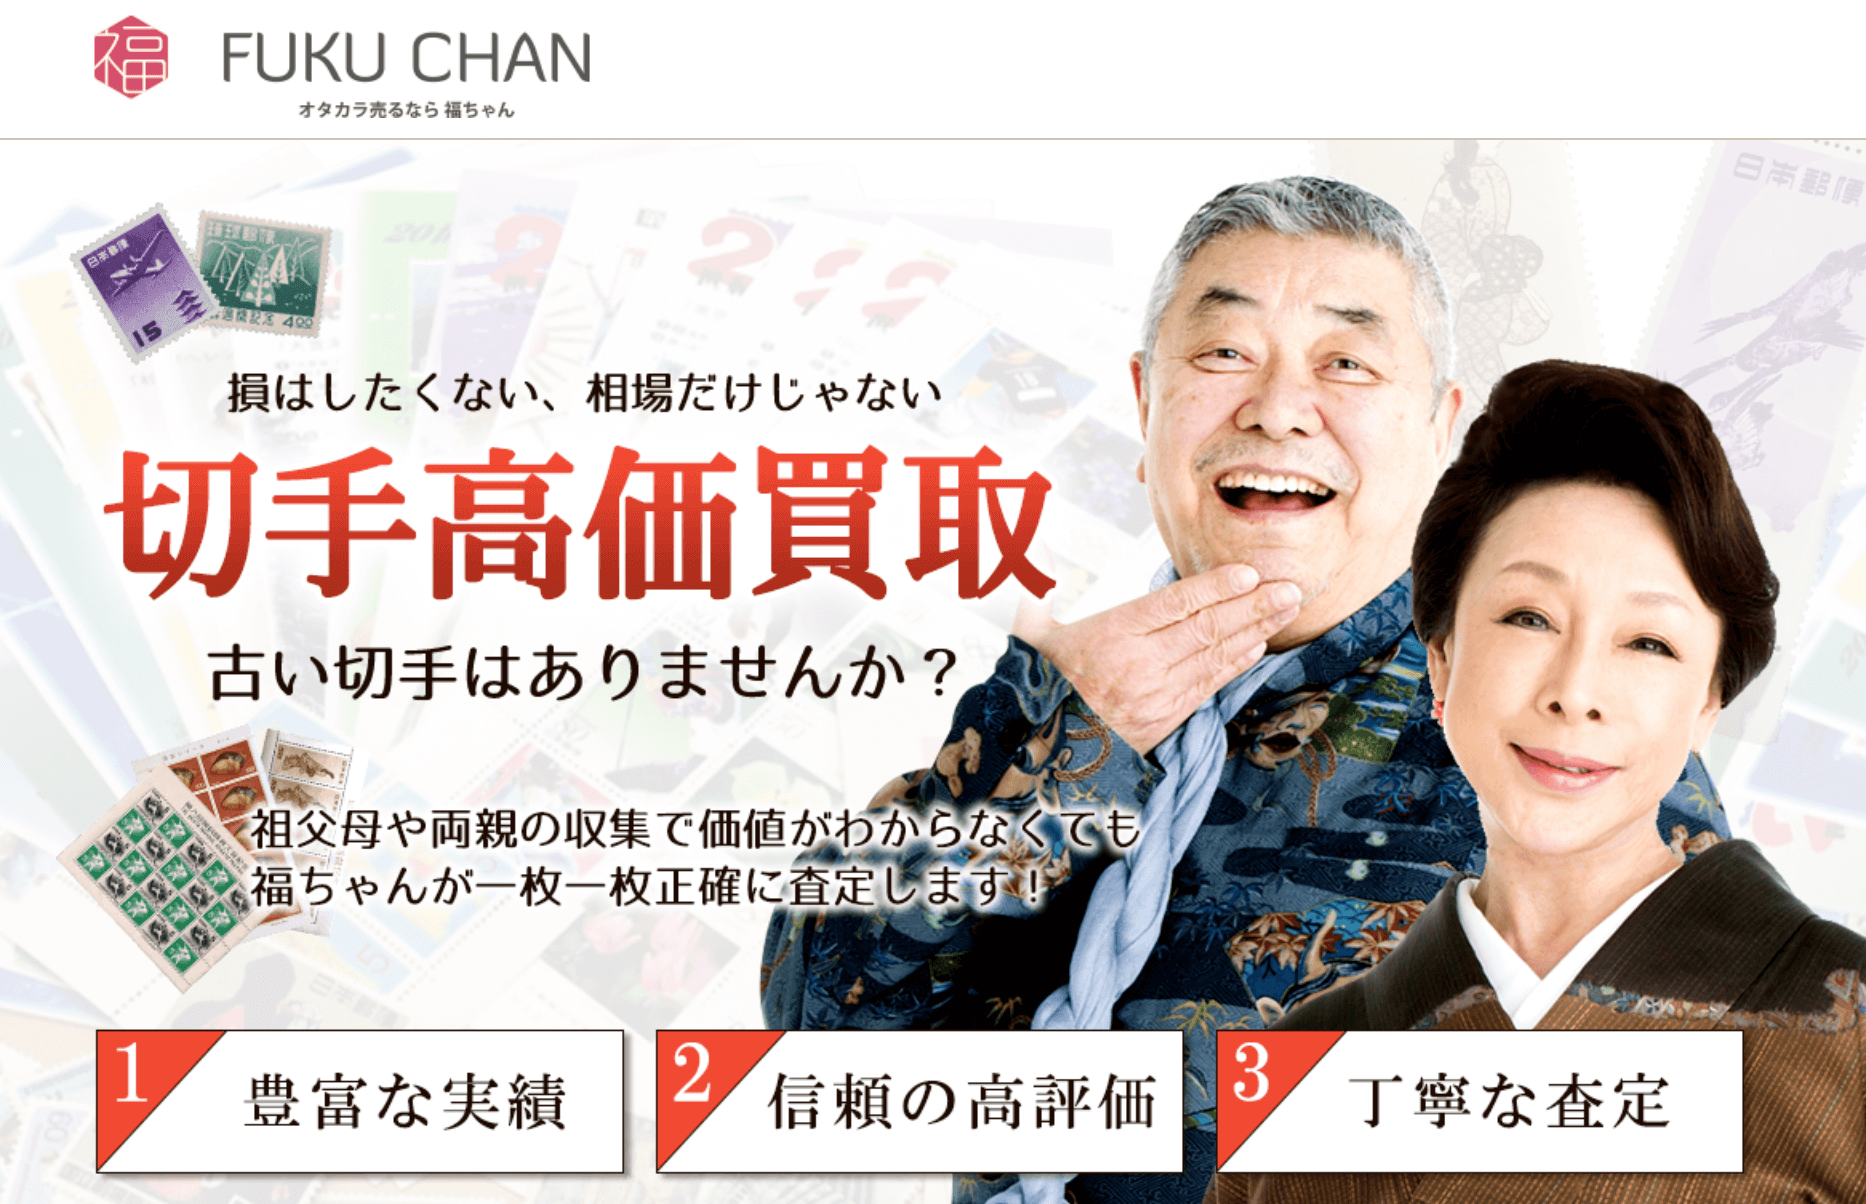 福ちゃんの切手買取の公式サイト